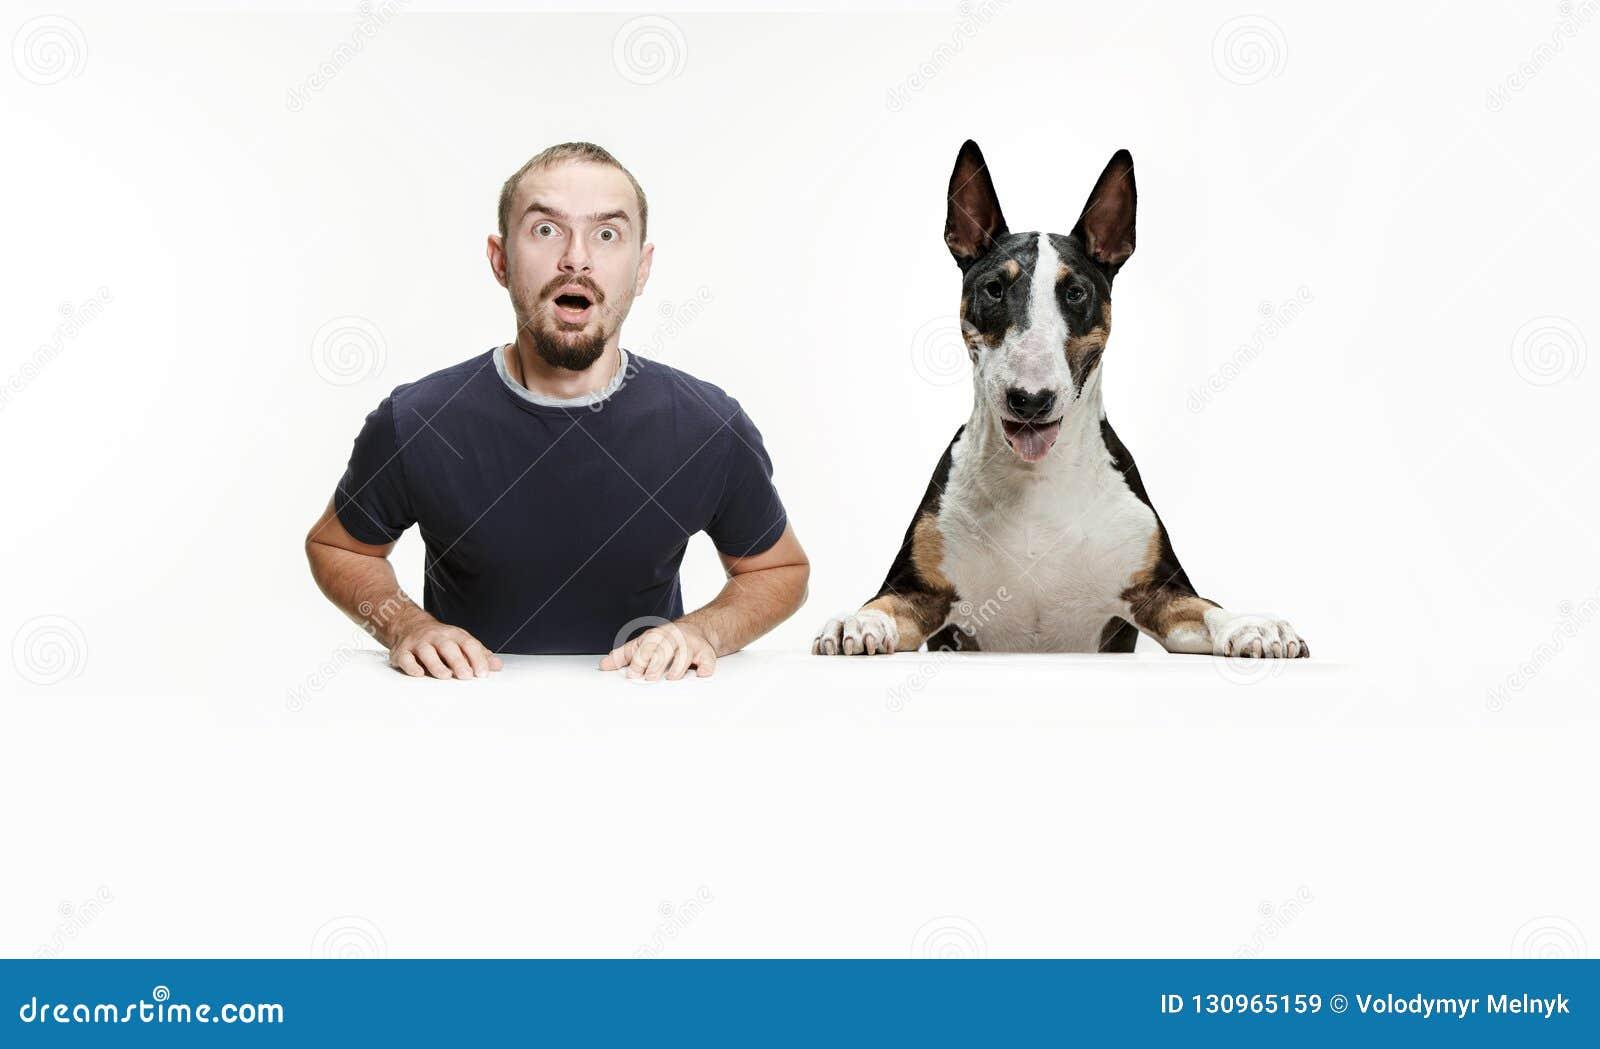 Emotionales Porträt eines Mannes und seines Schäferhundes, Konzept der Freundschaft und Sorgfalt des Mannes und des Tieres